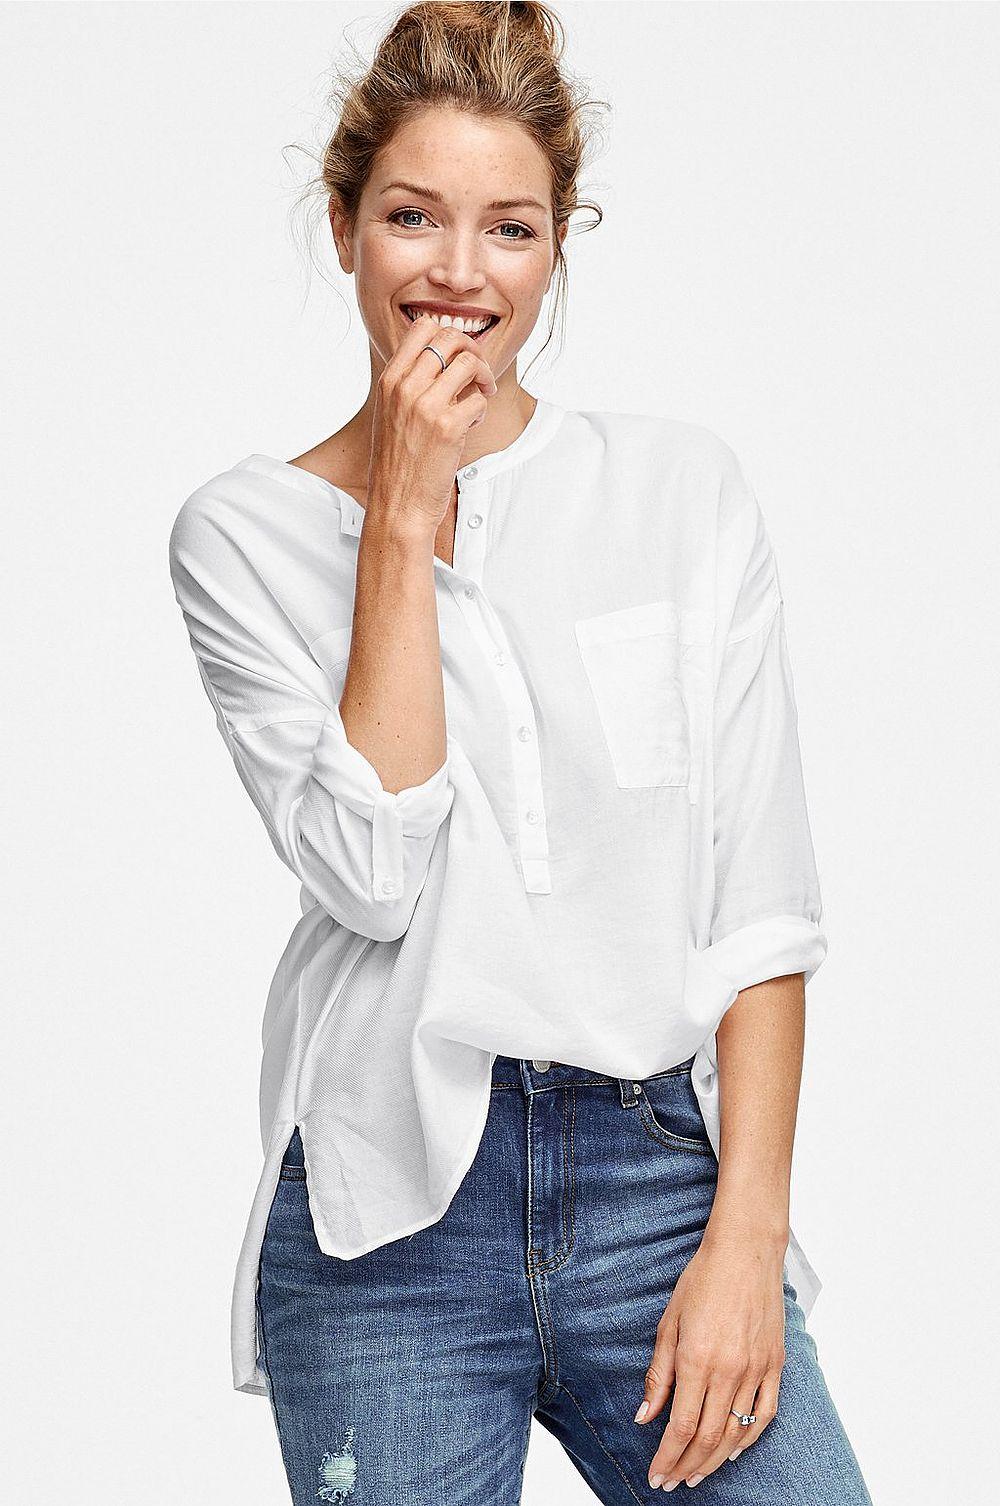 Kraglös skjorta. Modellens längd är 178 cm och bär storlek 36 35a7c5216c19c